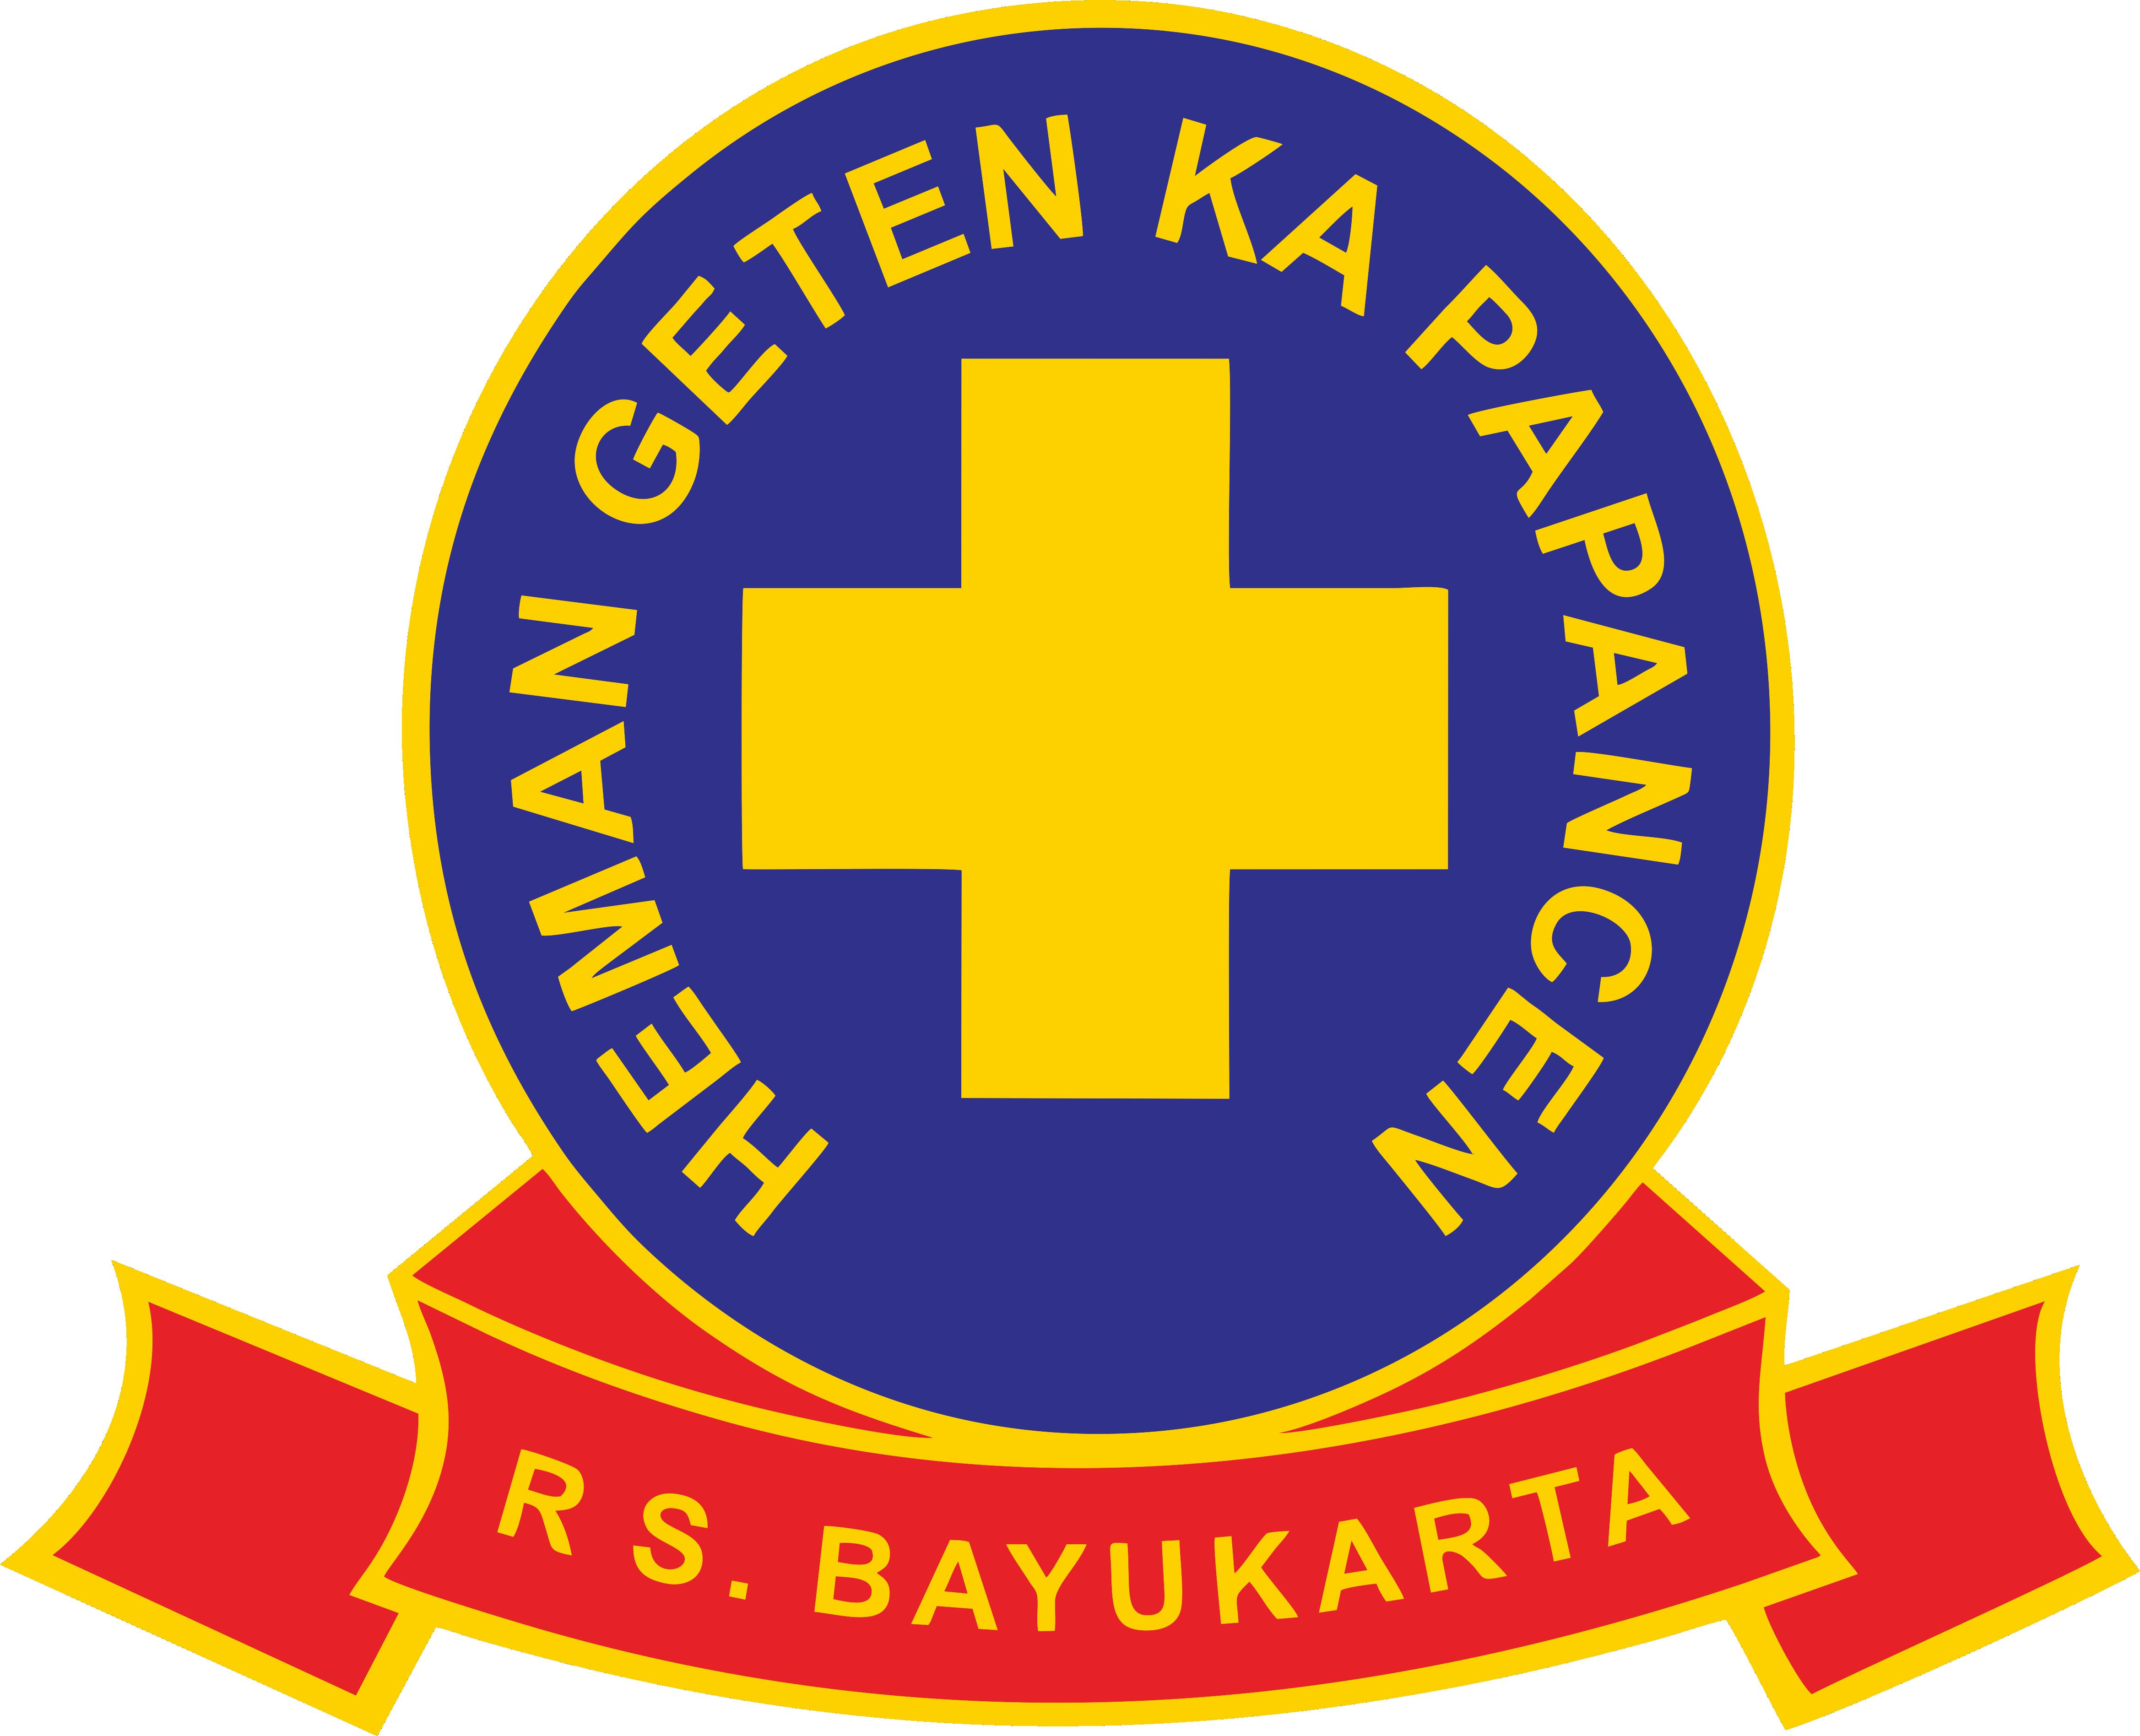 Rumah Sakit Bayukarta